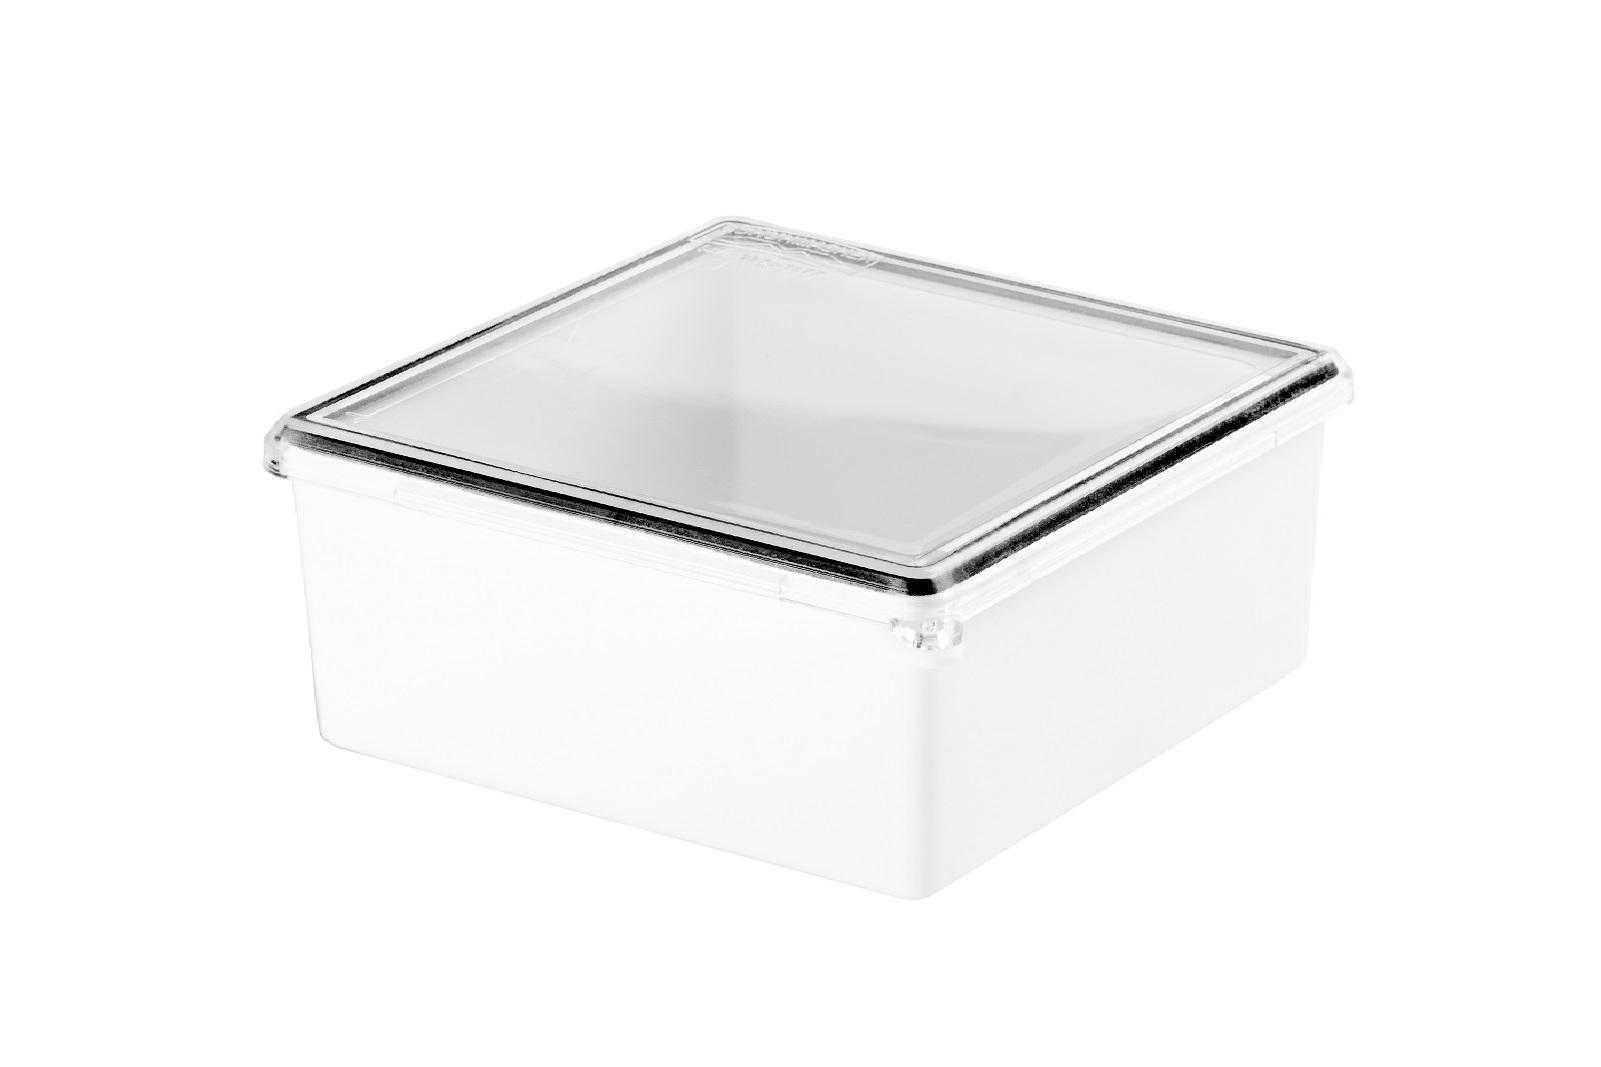 Caixa Plastica Pressao 155x155x 70mm Branca/Transparente Schuhmacher